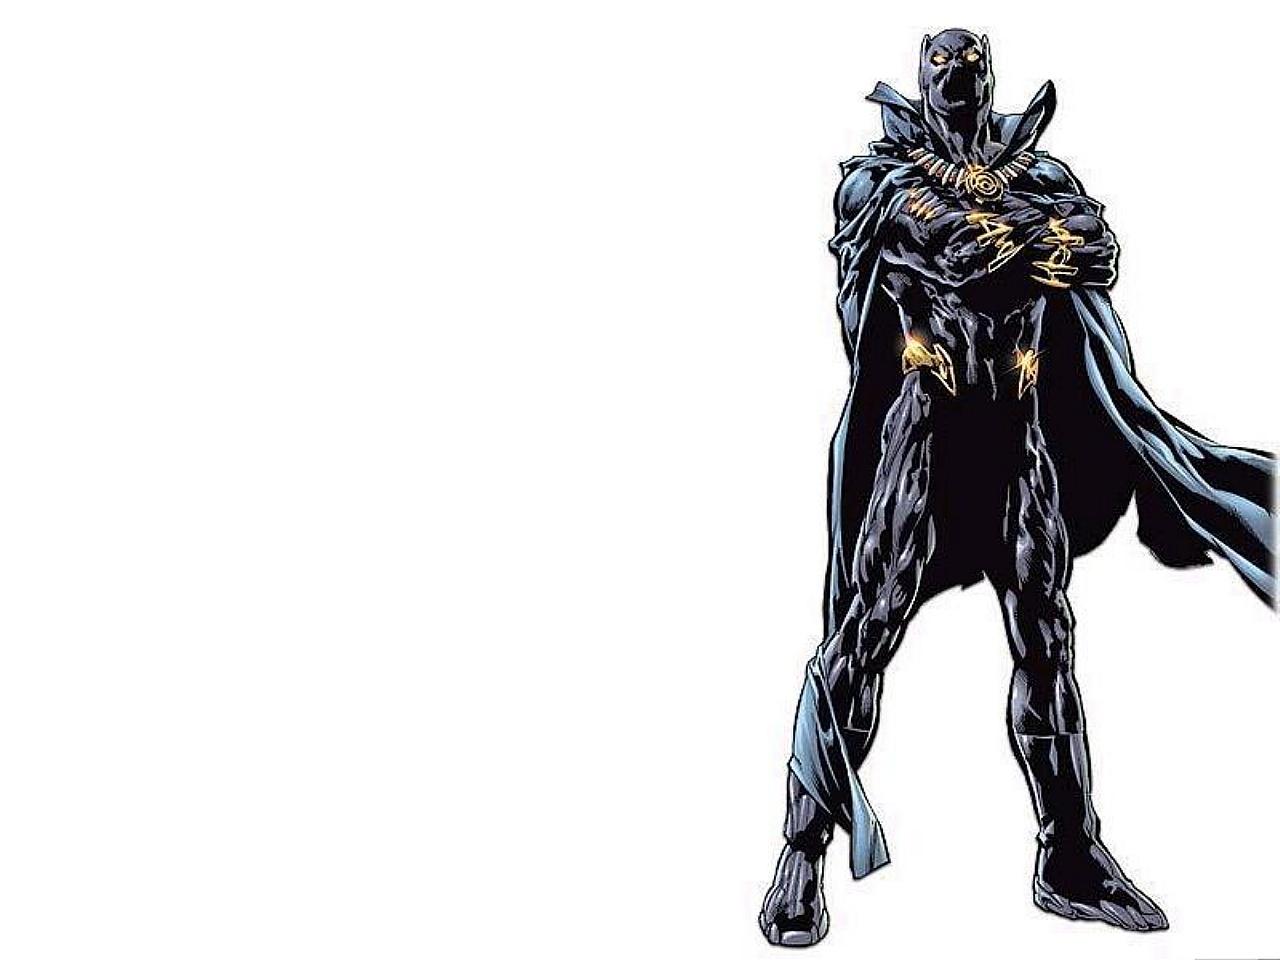 Marvel Black Panther Wallpaper Desktop 1280x960